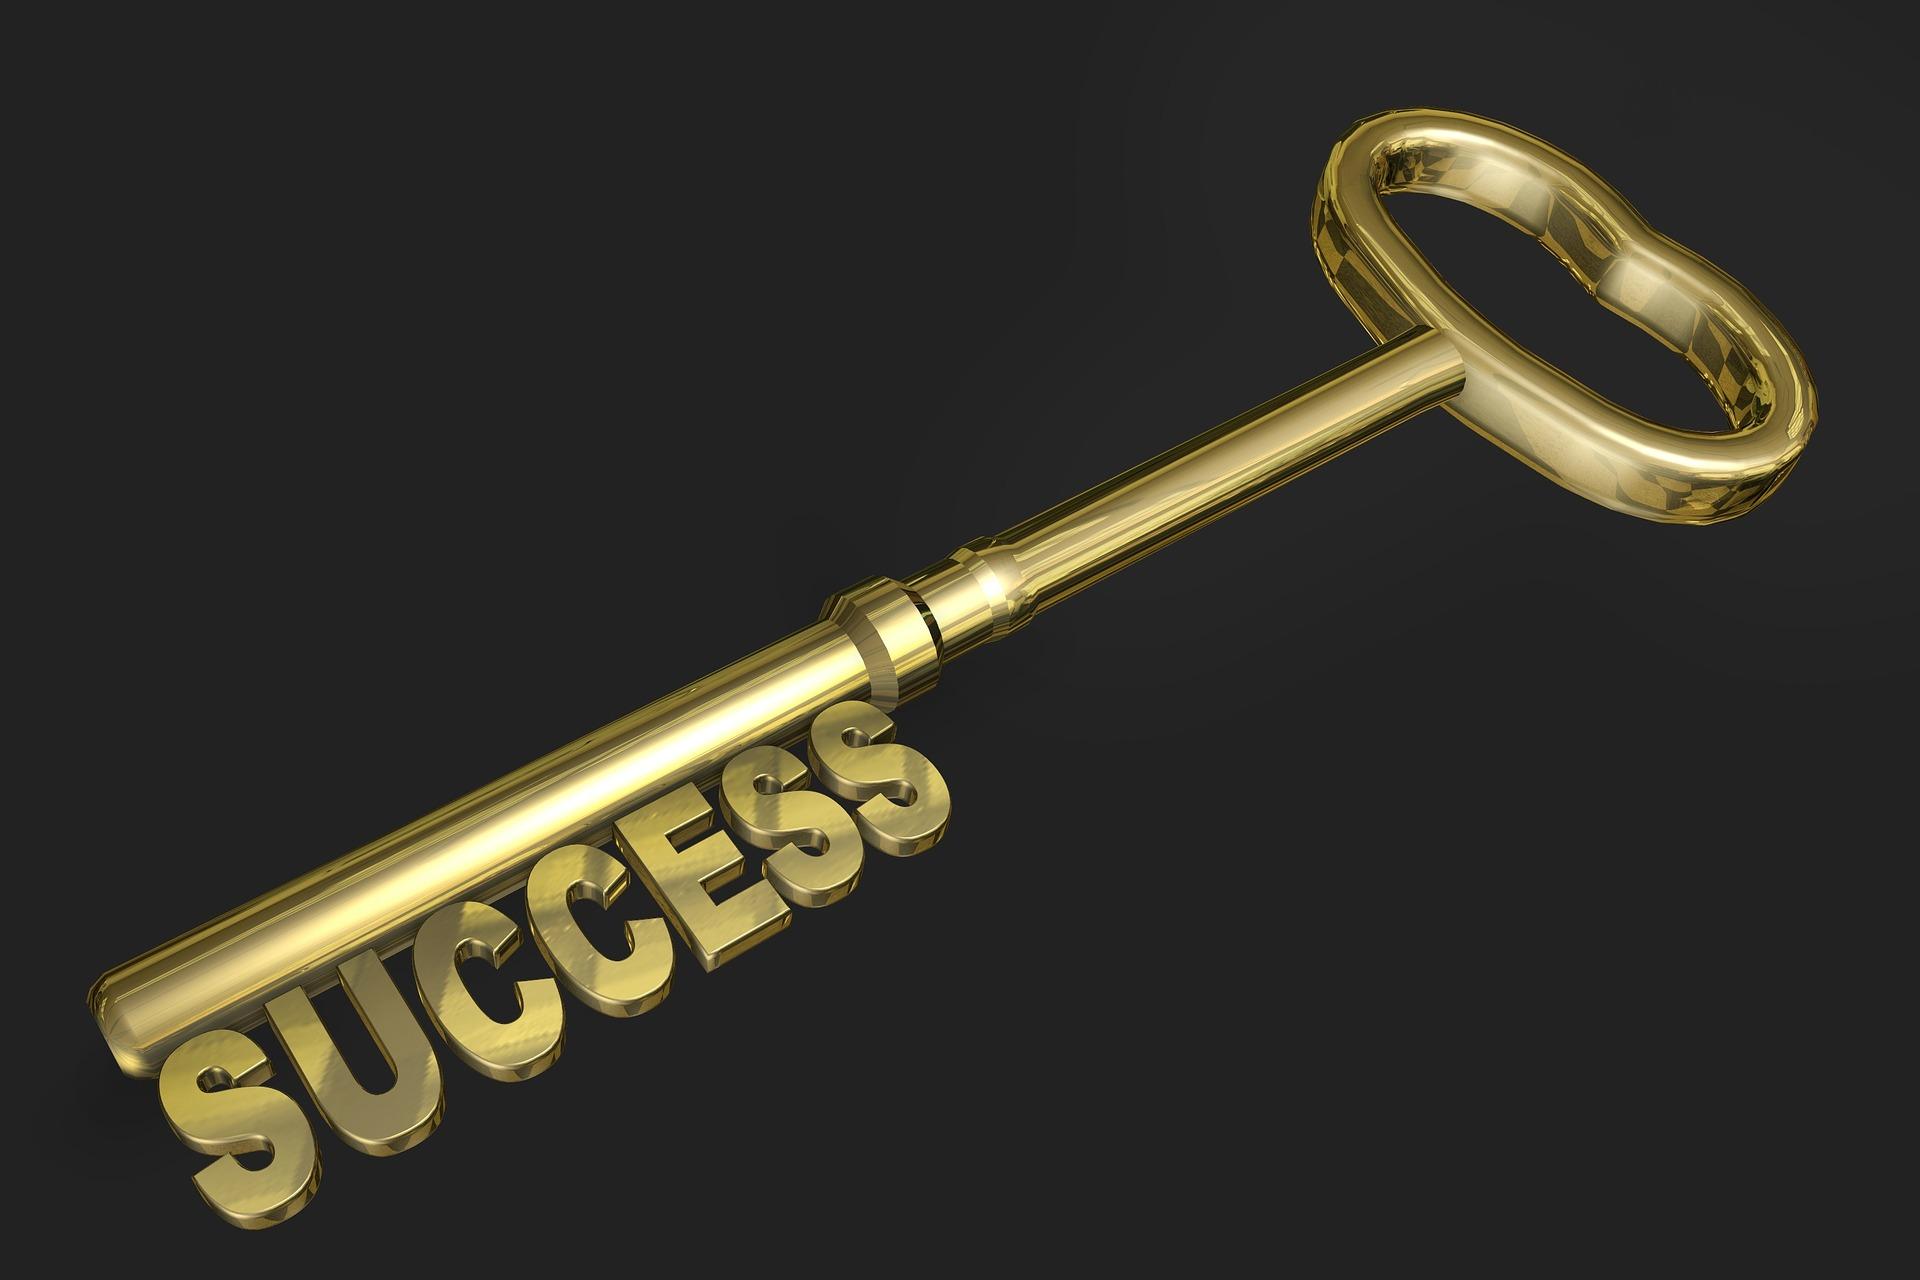 SUCCESSと書かれてる鍵